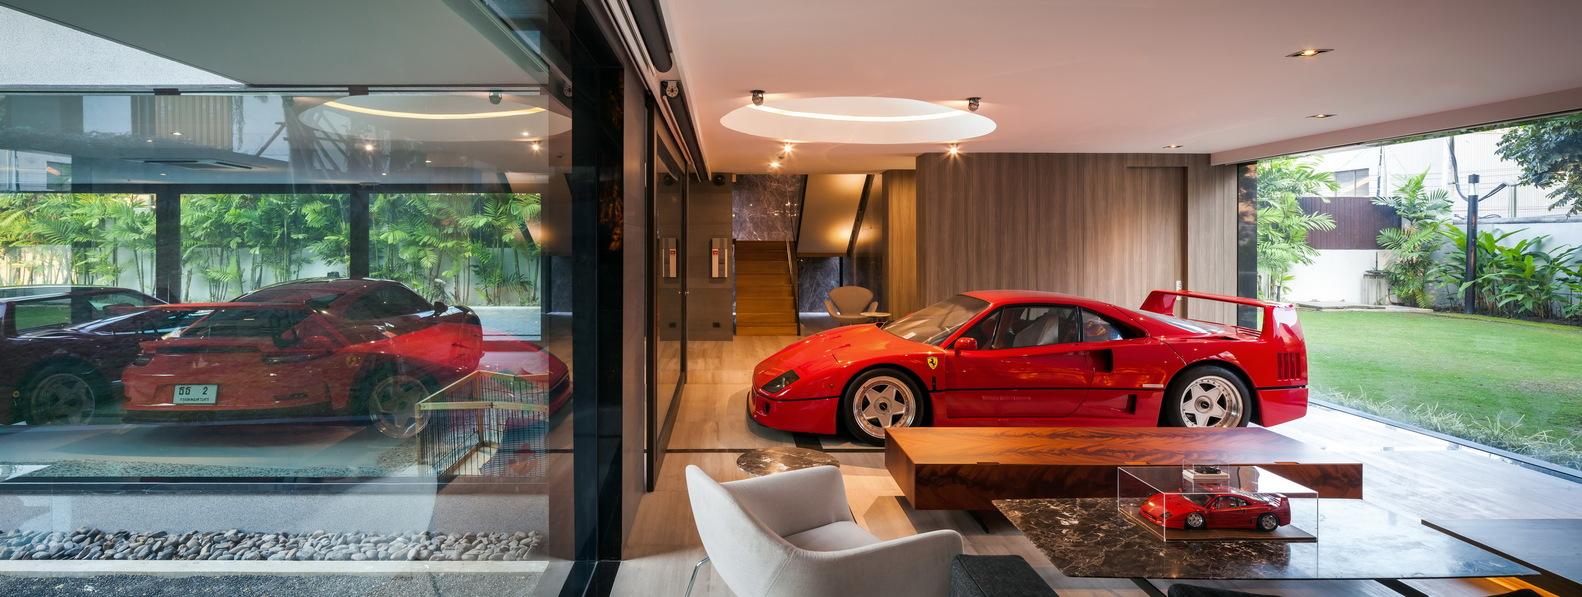 OKS CASA: Ein wahres Traumhaus für Automobilliebhaber 5